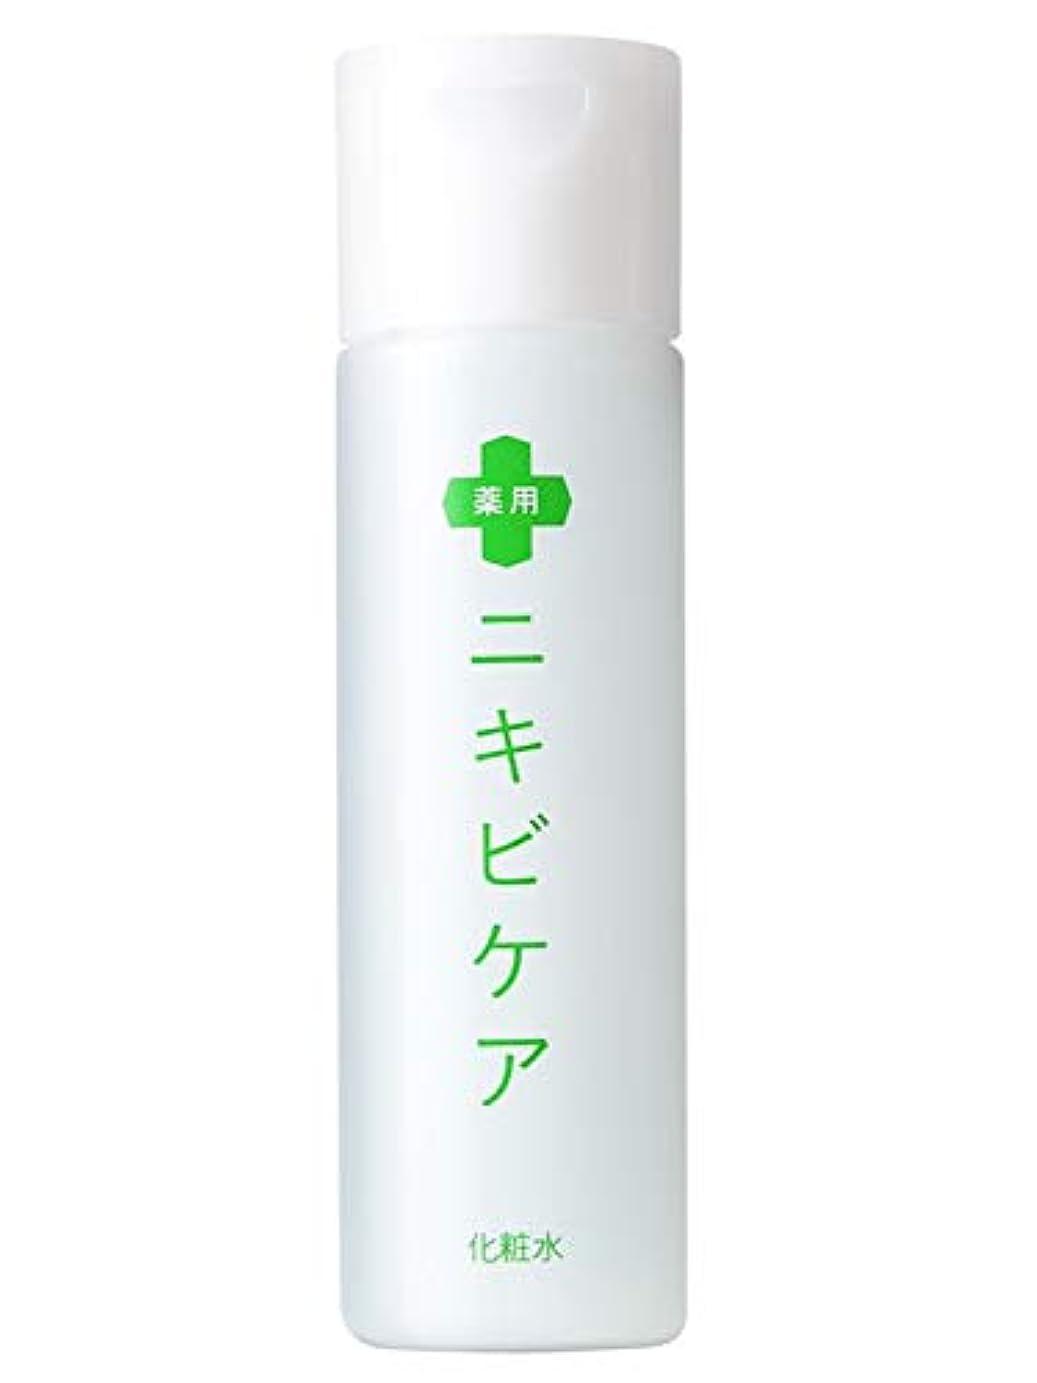 トリッキーうるさいムスタチオ医薬部外品 薬用 ニキビケア 化粧水 大人ニキビ 予防「 あご おでこ 鼻 ニキビ アクネ 対策」「 肌をひきしめサラサラに 」「 コラーゲン プラセンタ 配合 」 メンズ & レディース 120ml